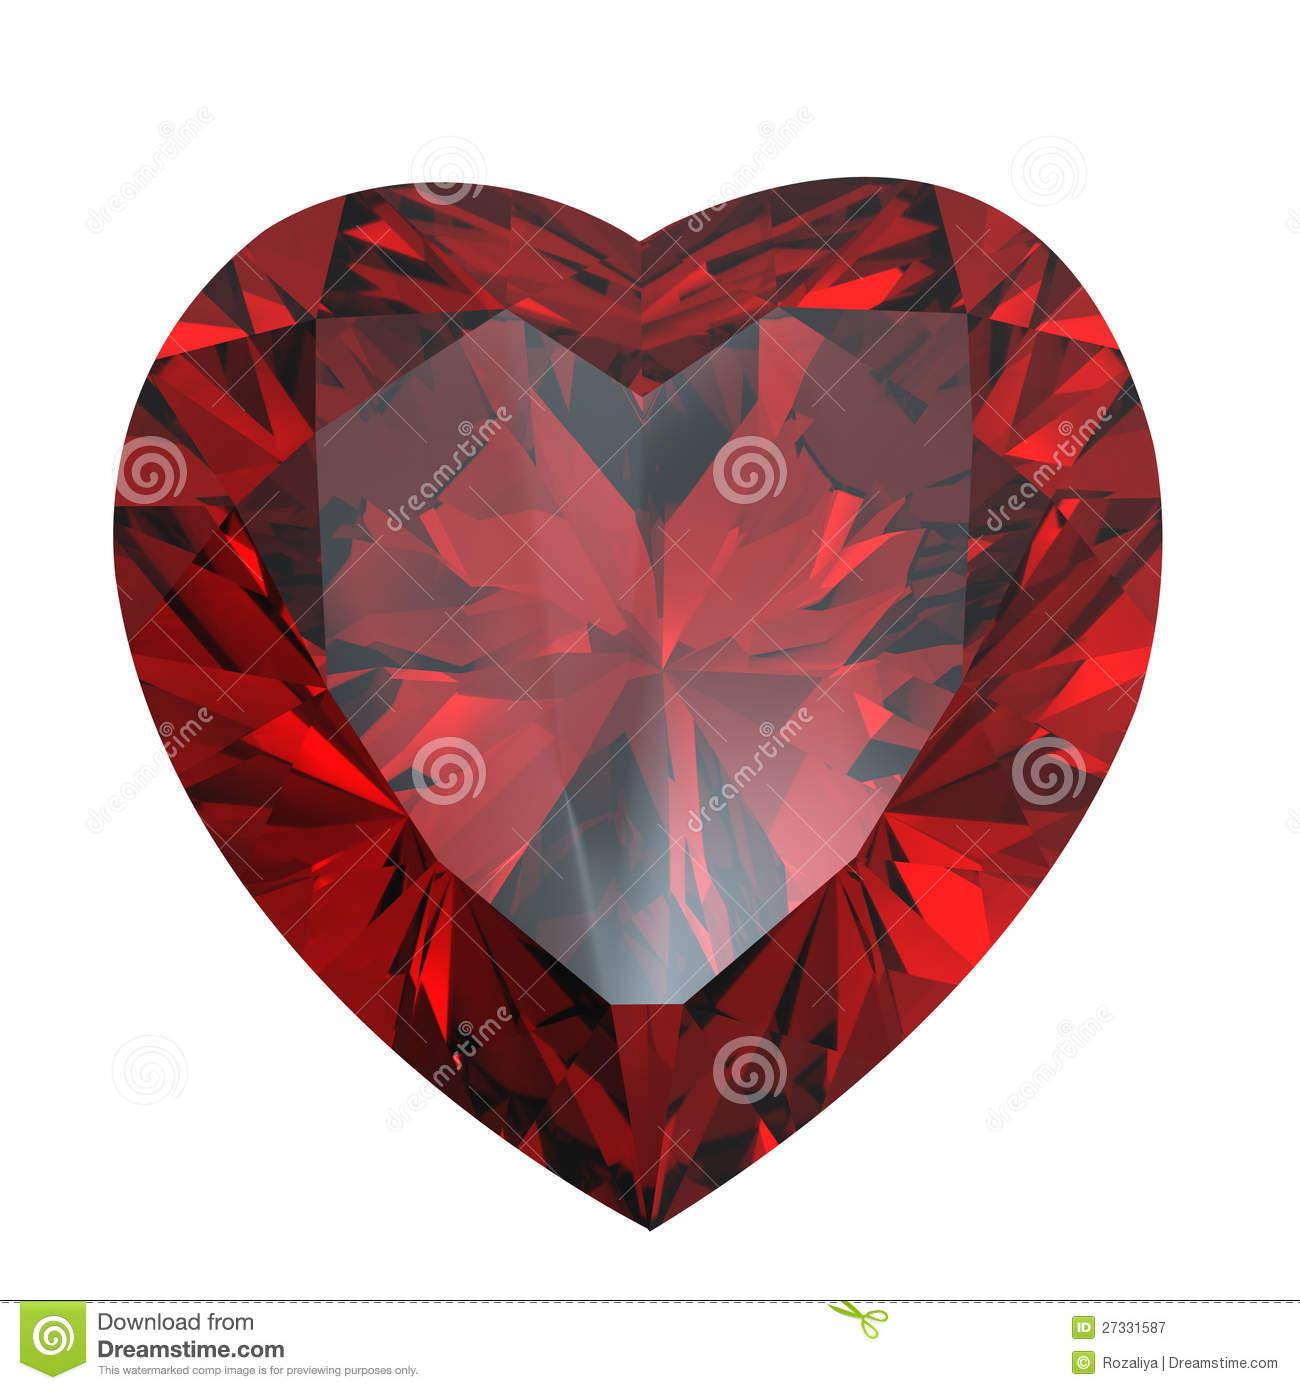 Heart-shaped clipart diamond shape Diamond Heart shaped isolated Heart